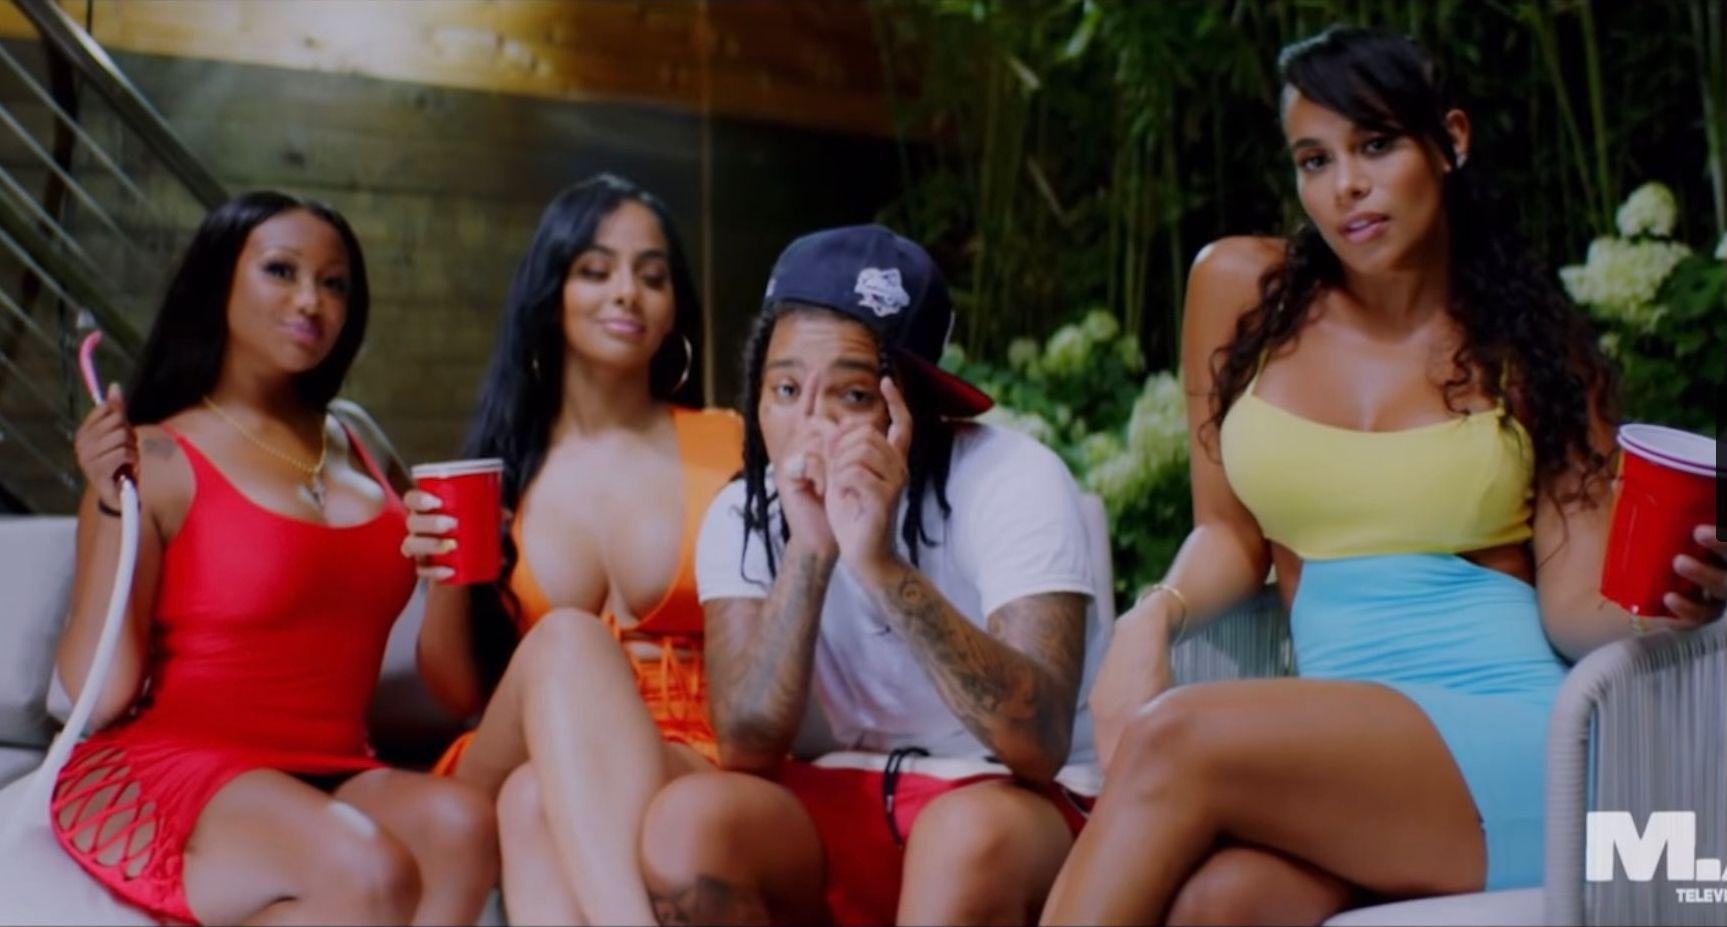 Lina Mercedes Zuniga na gravação do videoclipe do rapper Young M.A